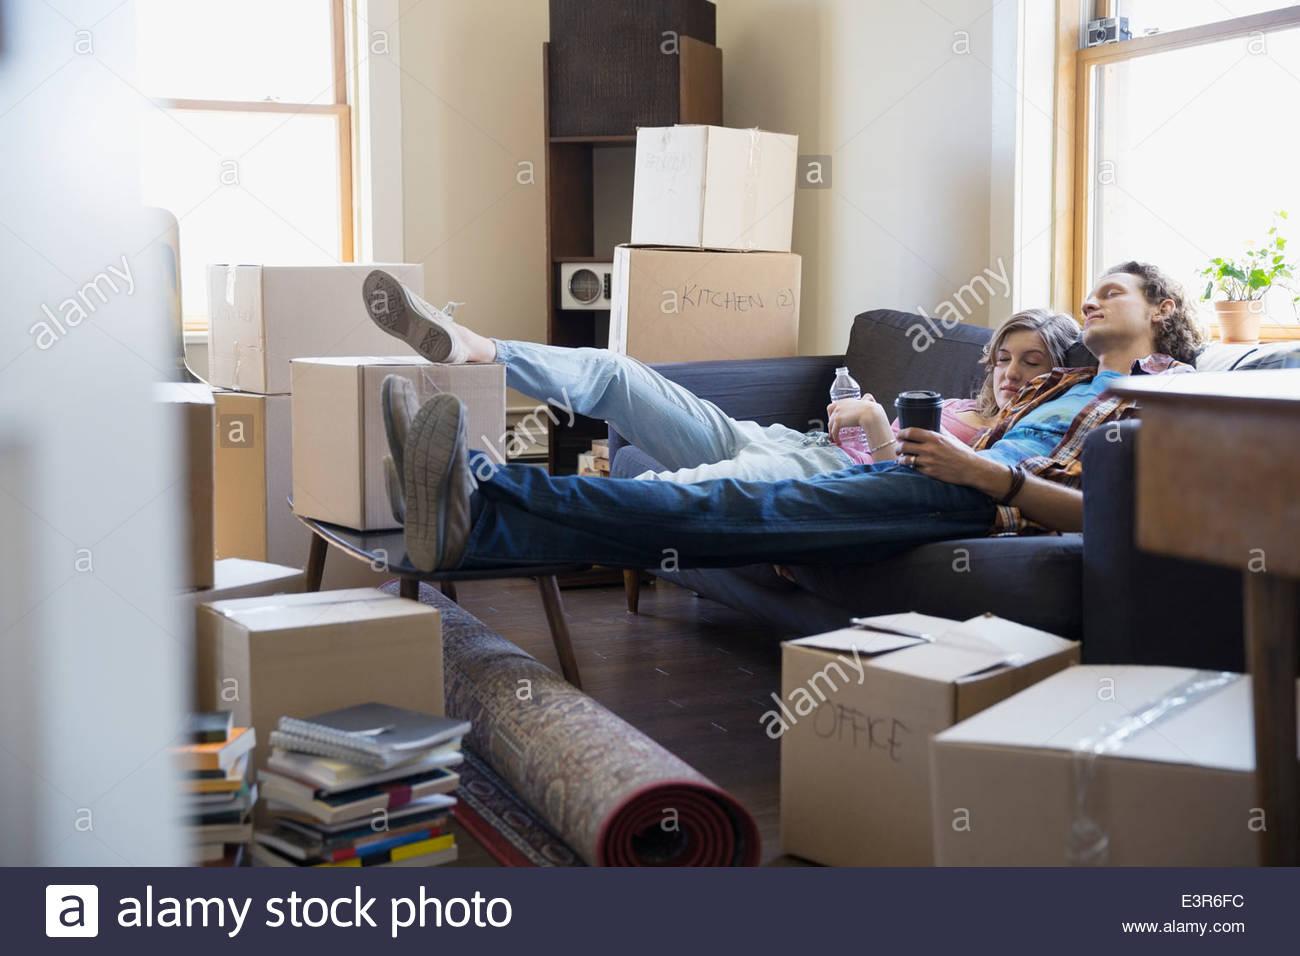 Pareja en el Sofá relax rodeado de cajas de mudanza Imagen De Stock